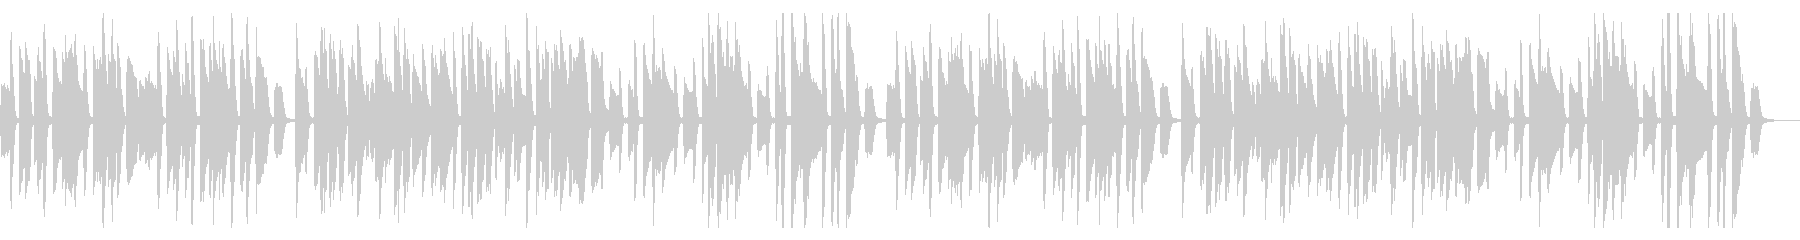 YouTube・コミカル・トーク・ピアノの未再生の波形